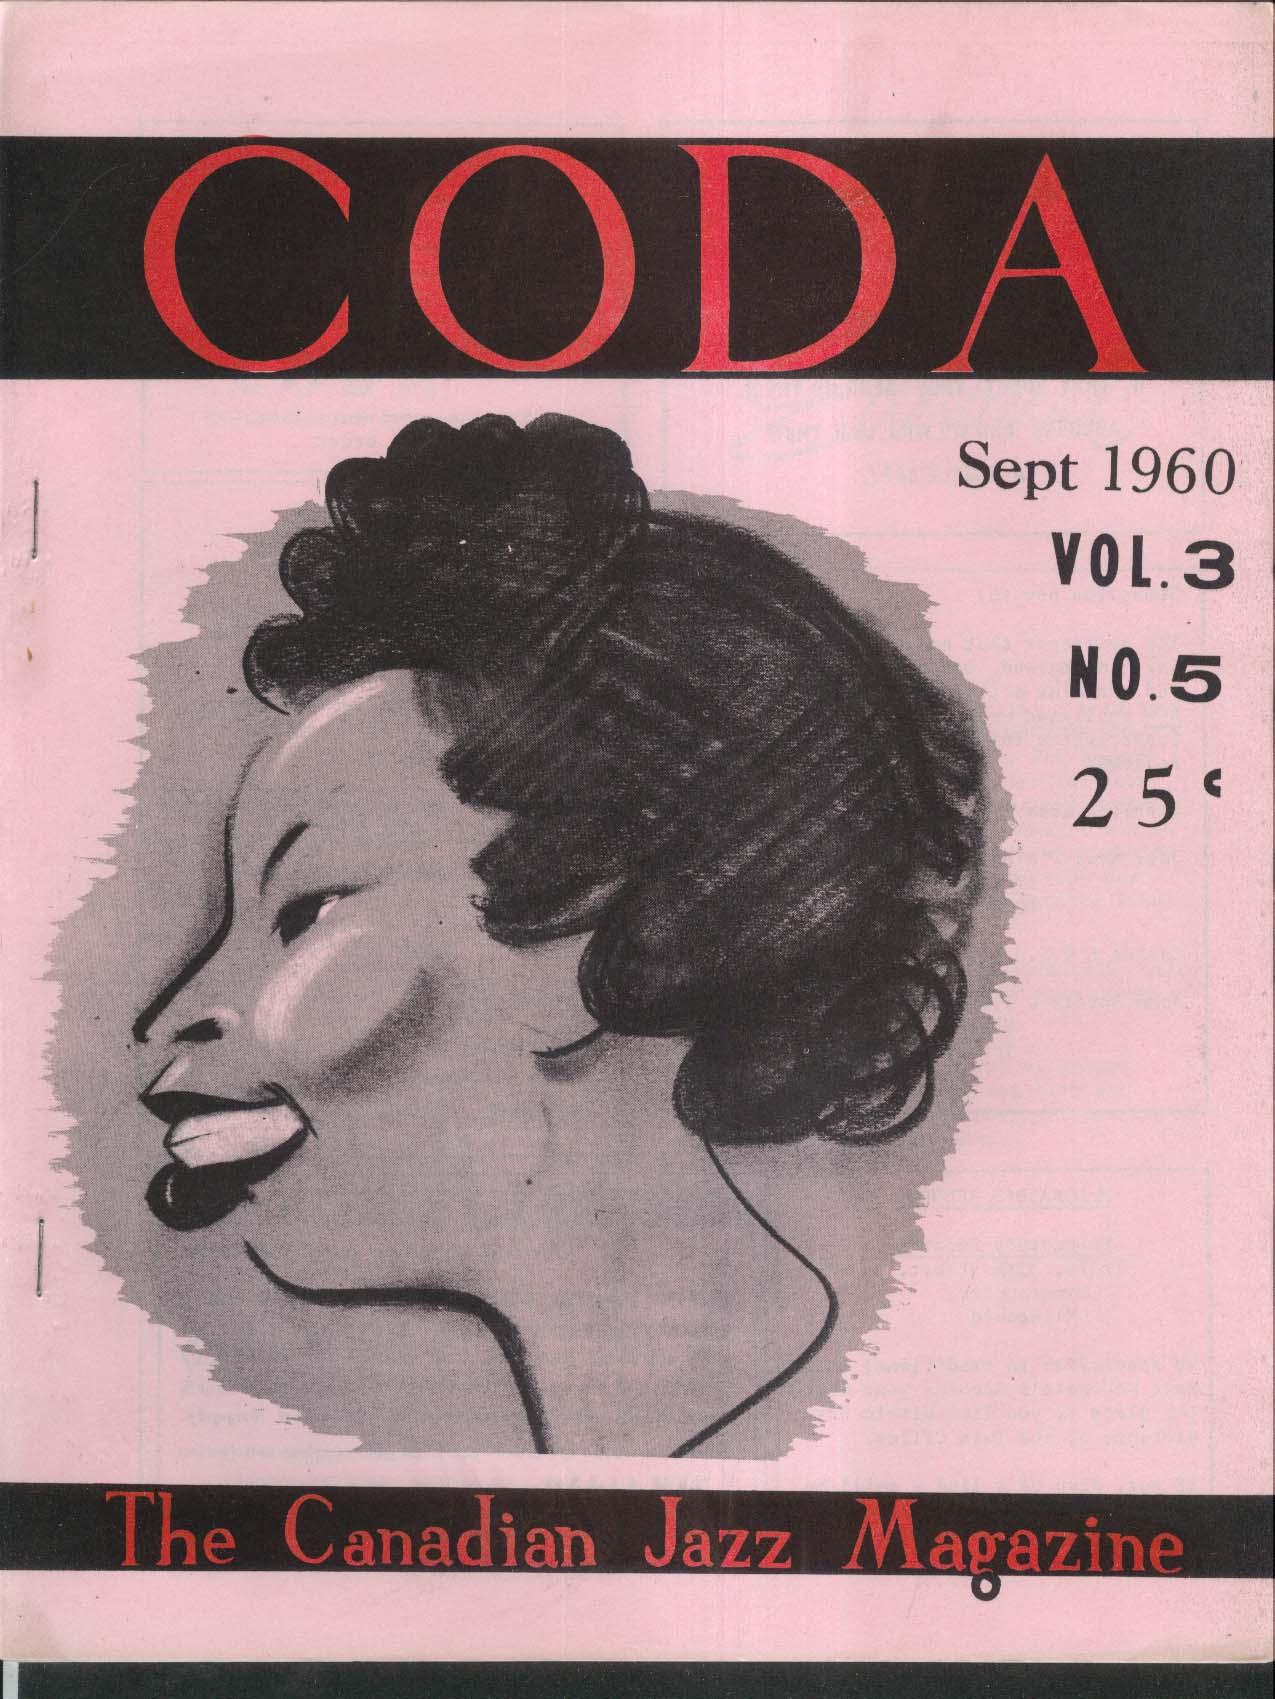 CODA V3 #5 Canadian Jazz Magazine Buffalo Festival Jackie McLean Newport 9 1960